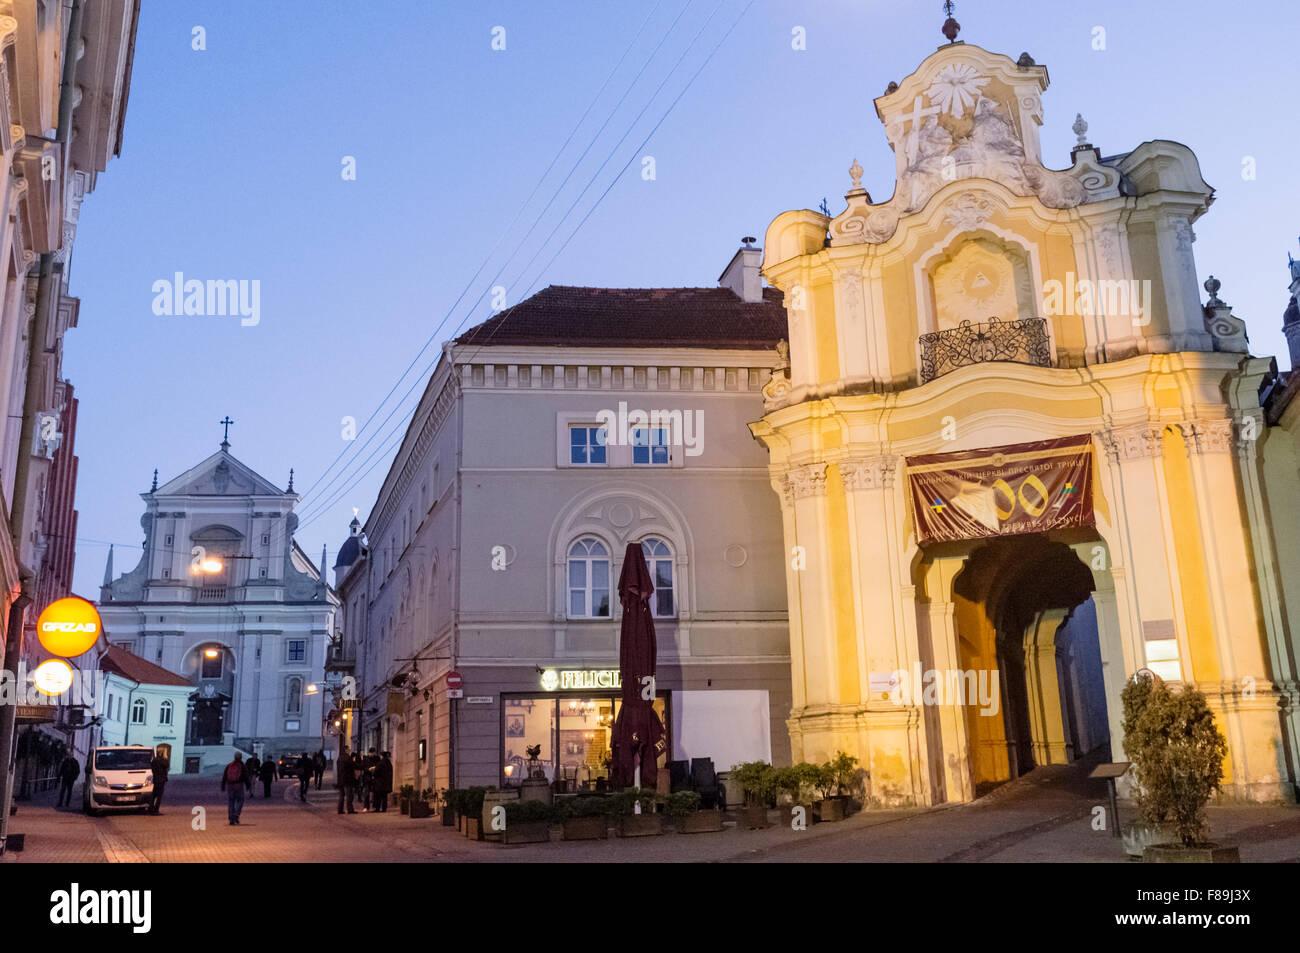 Basilian monastery gates illuminated at dusk. Vilnius, Lithuania, Europe - Stock Image